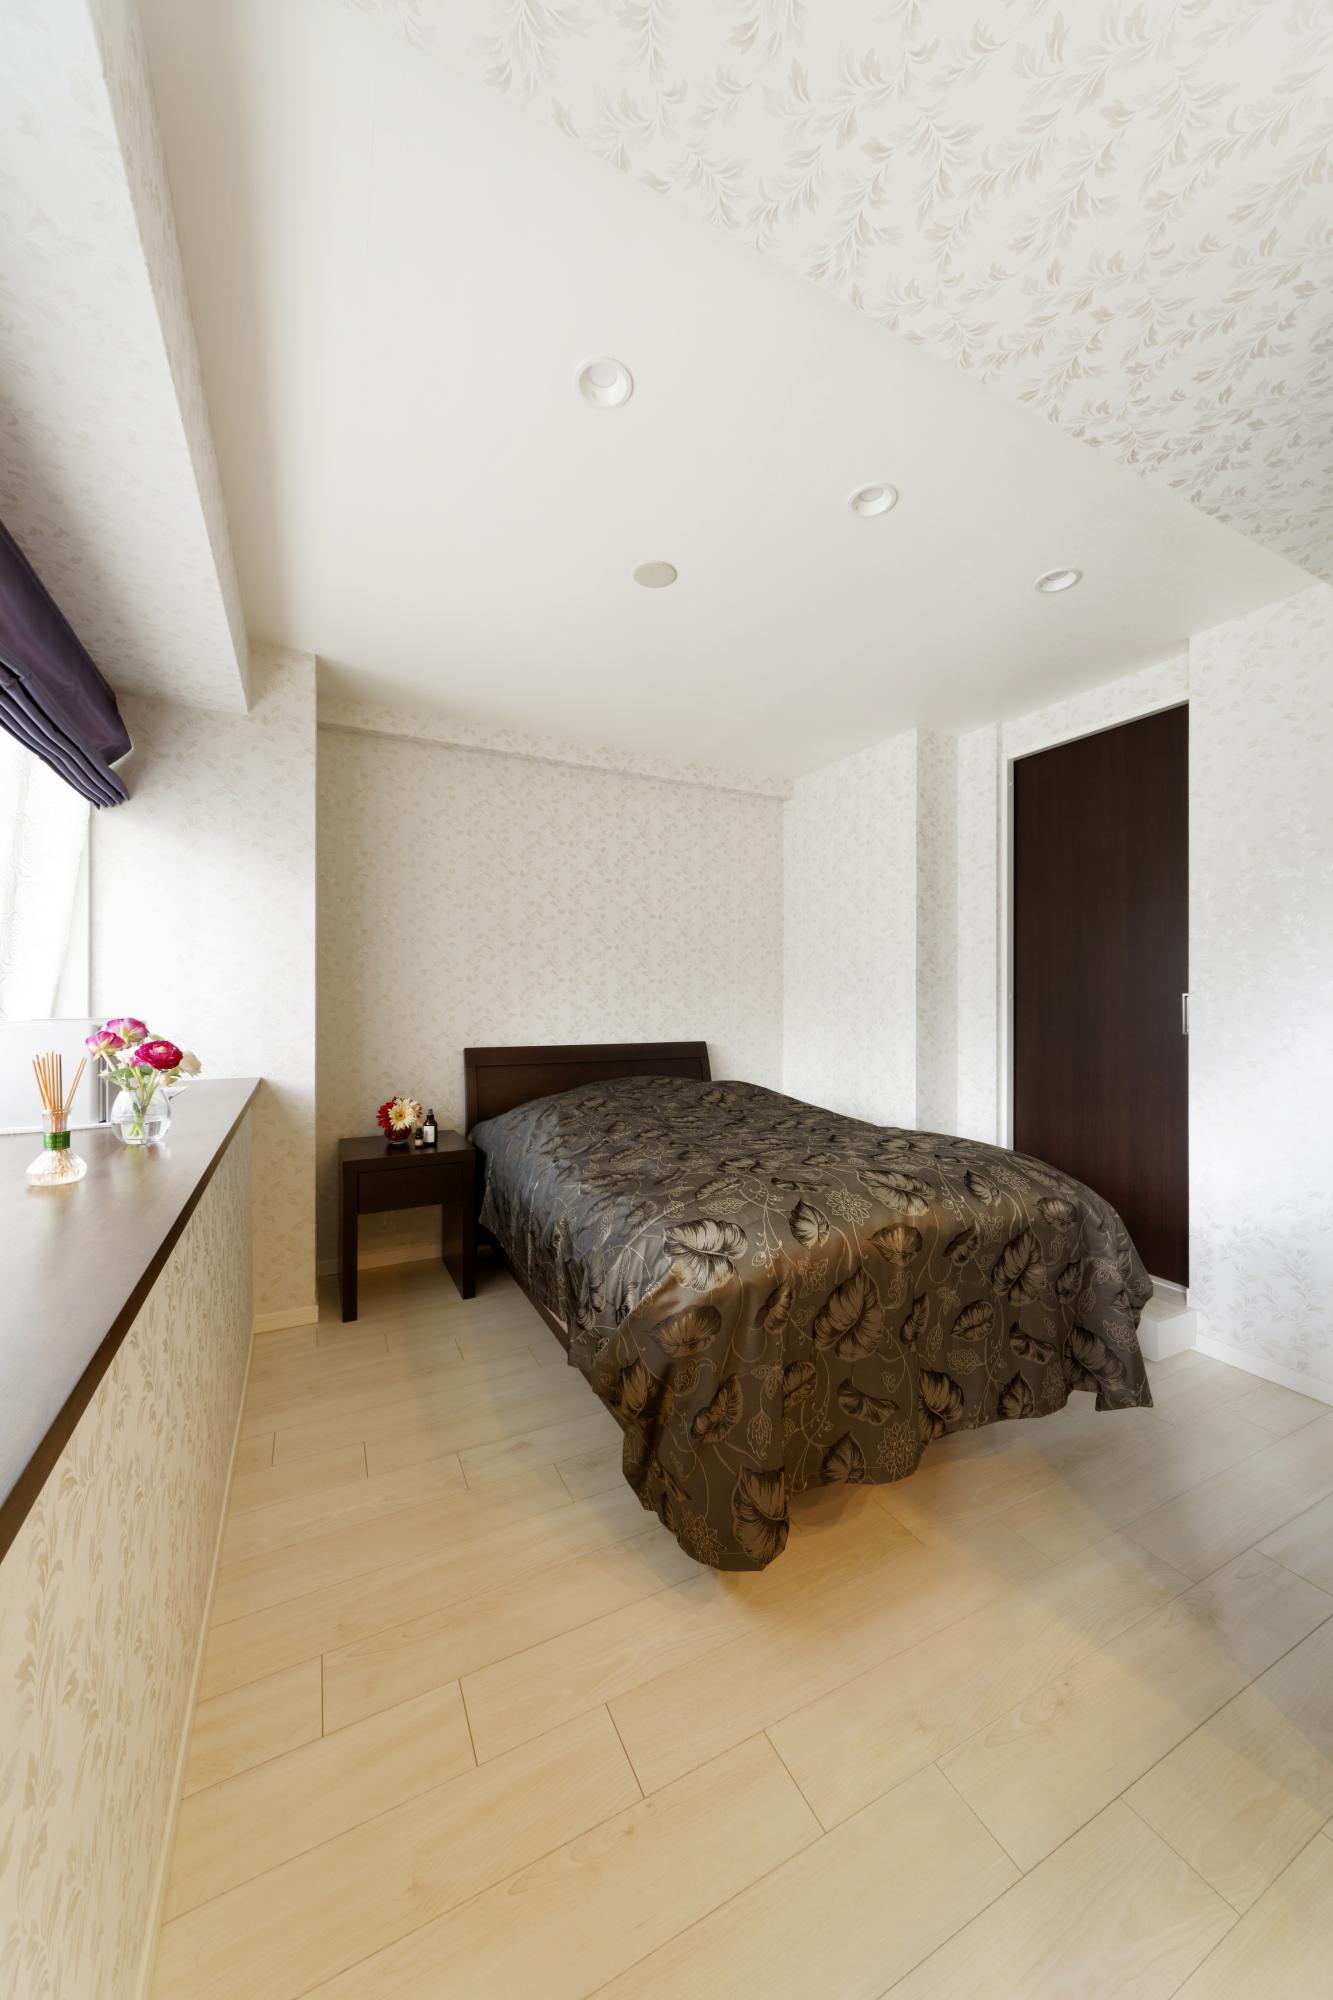 寝室のバルコニー側には落ち着いた雰囲気の木調カウンターを設置。右奥の戸がウォークイン・クロゼットに続く。